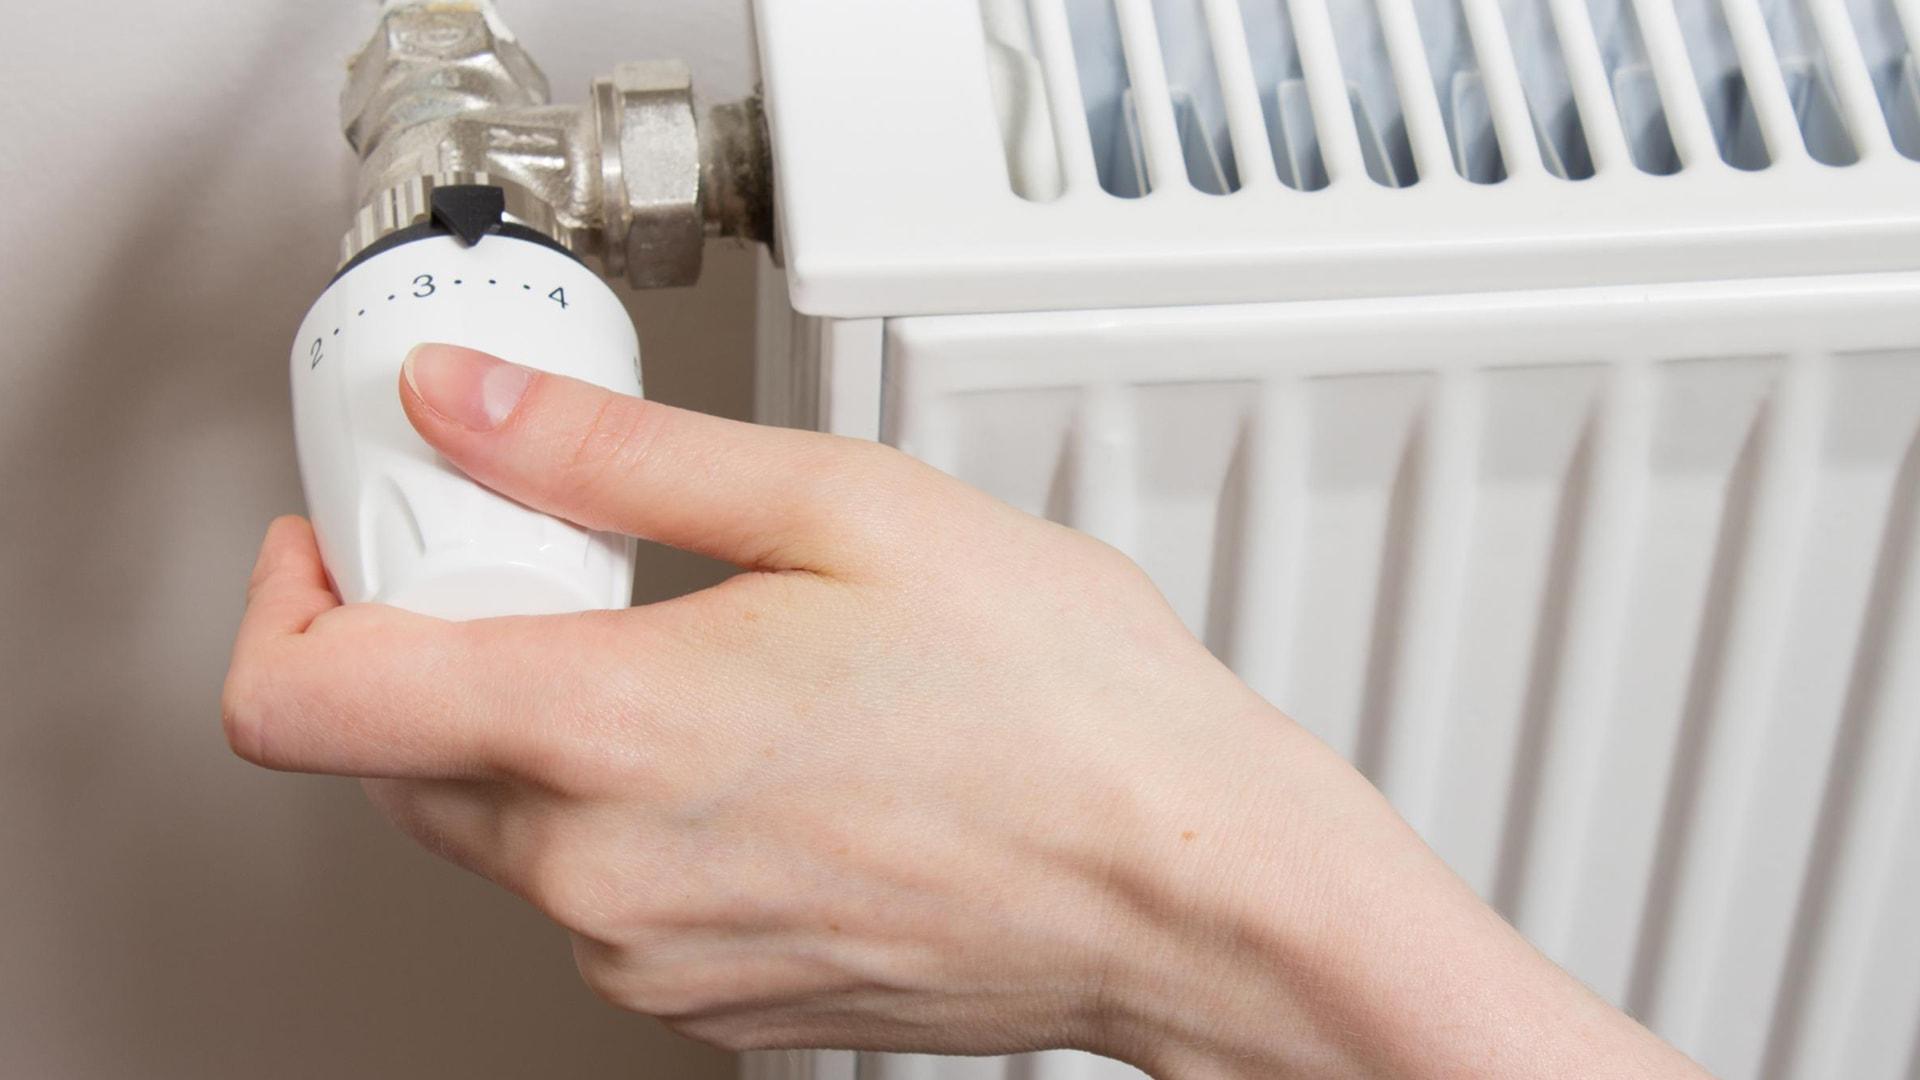 Remplacement de robinet de radiateur